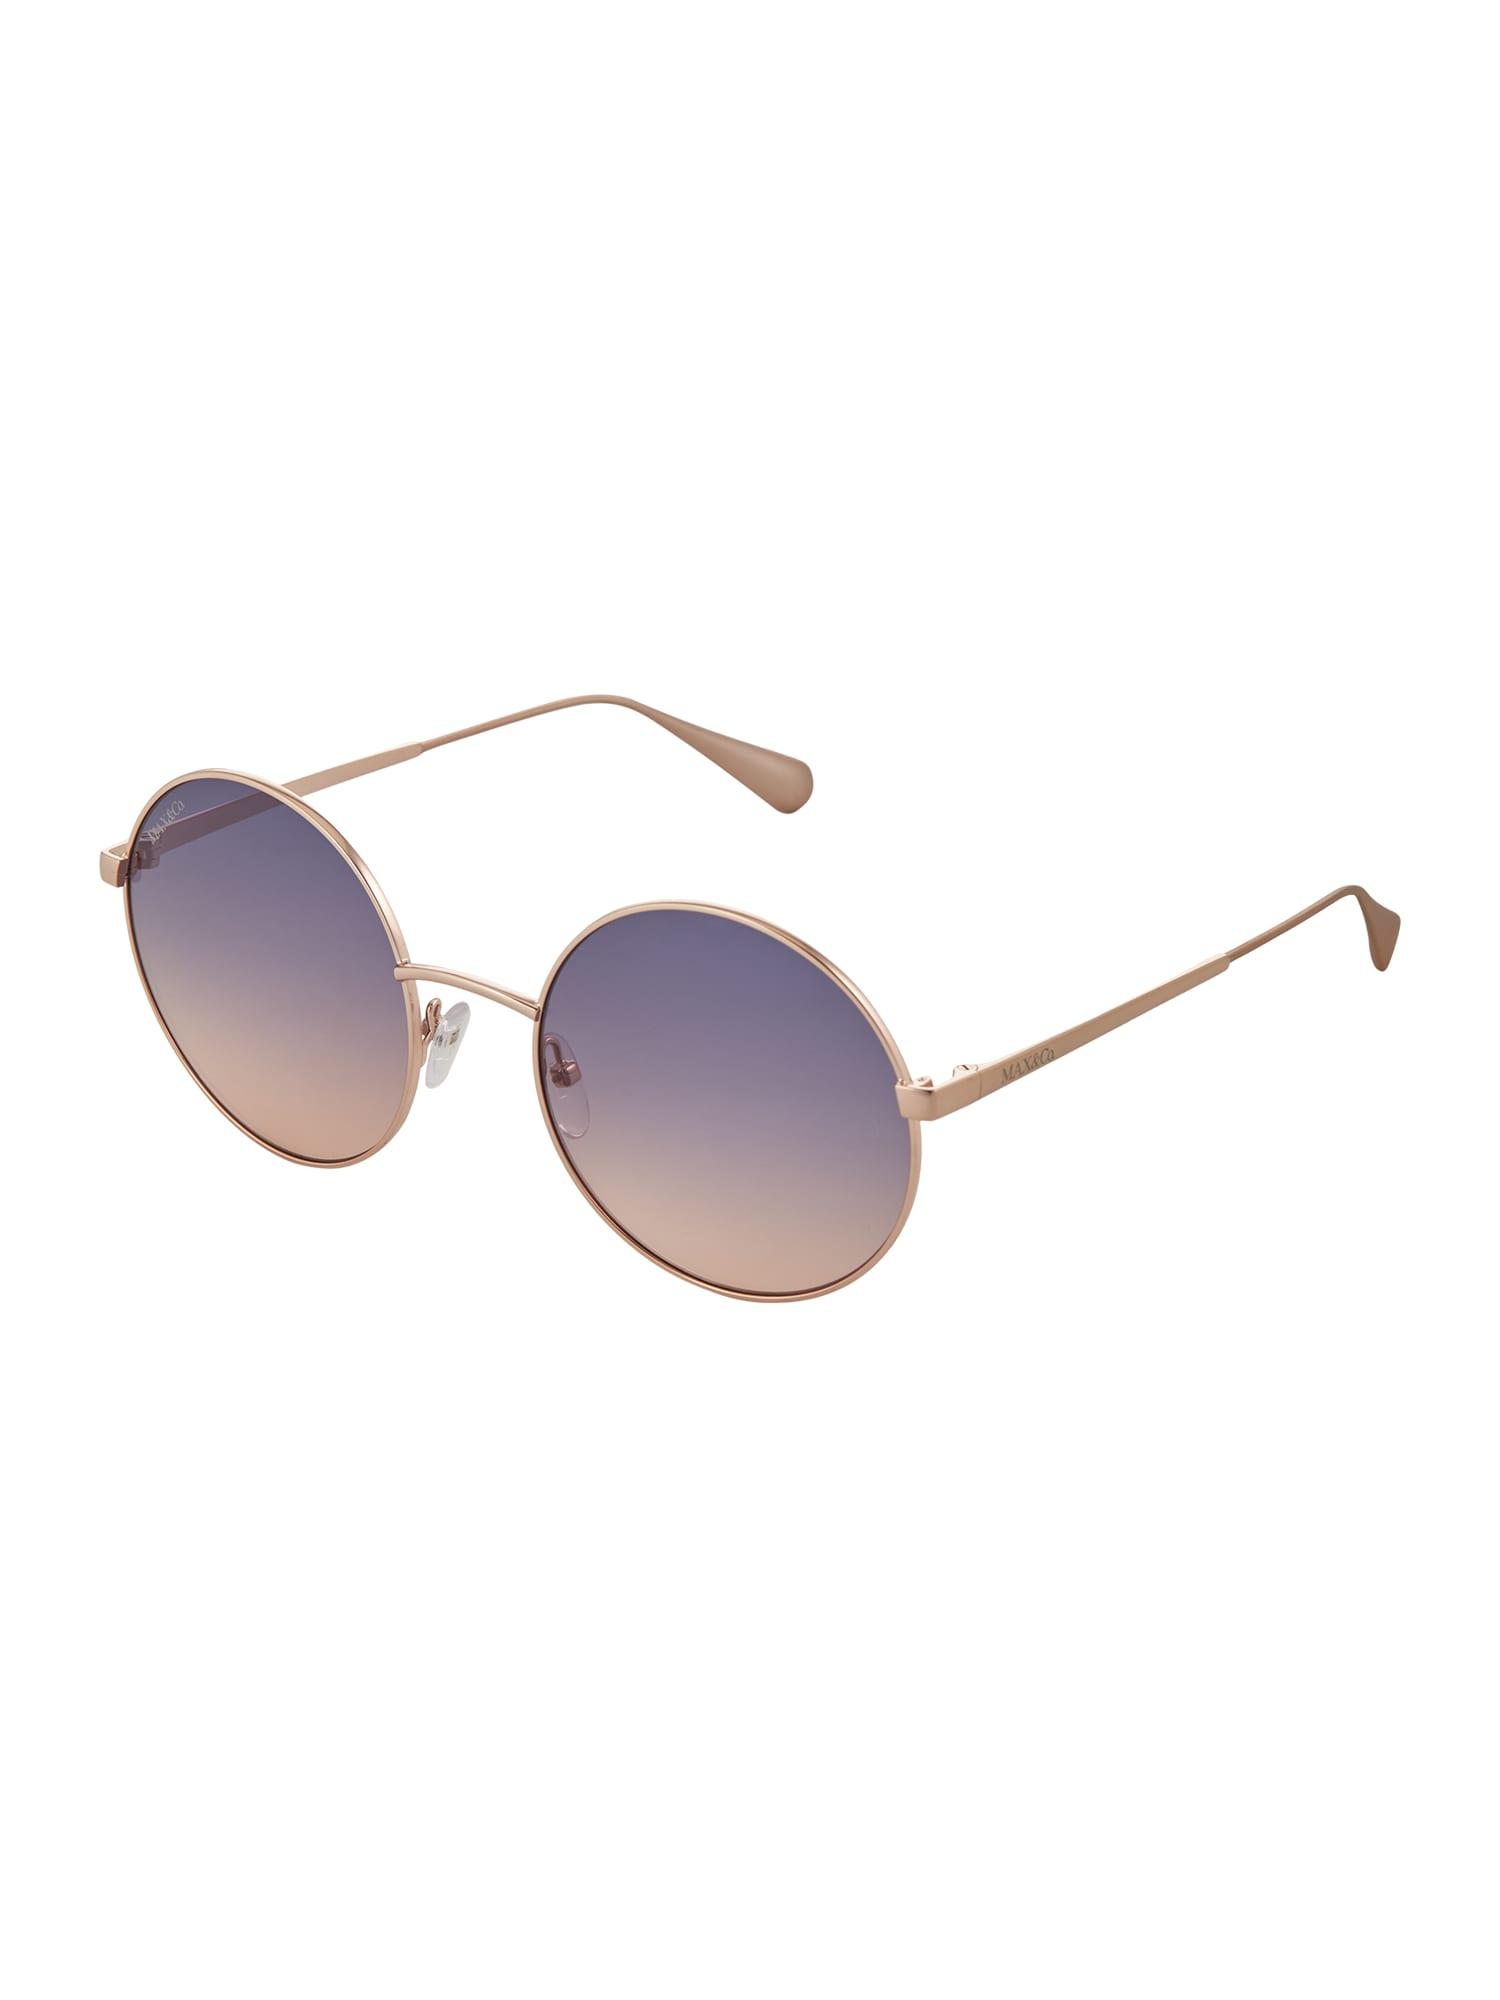 MAX&Co. Akiniai nuo saulės auksas / pastelinė violetinė